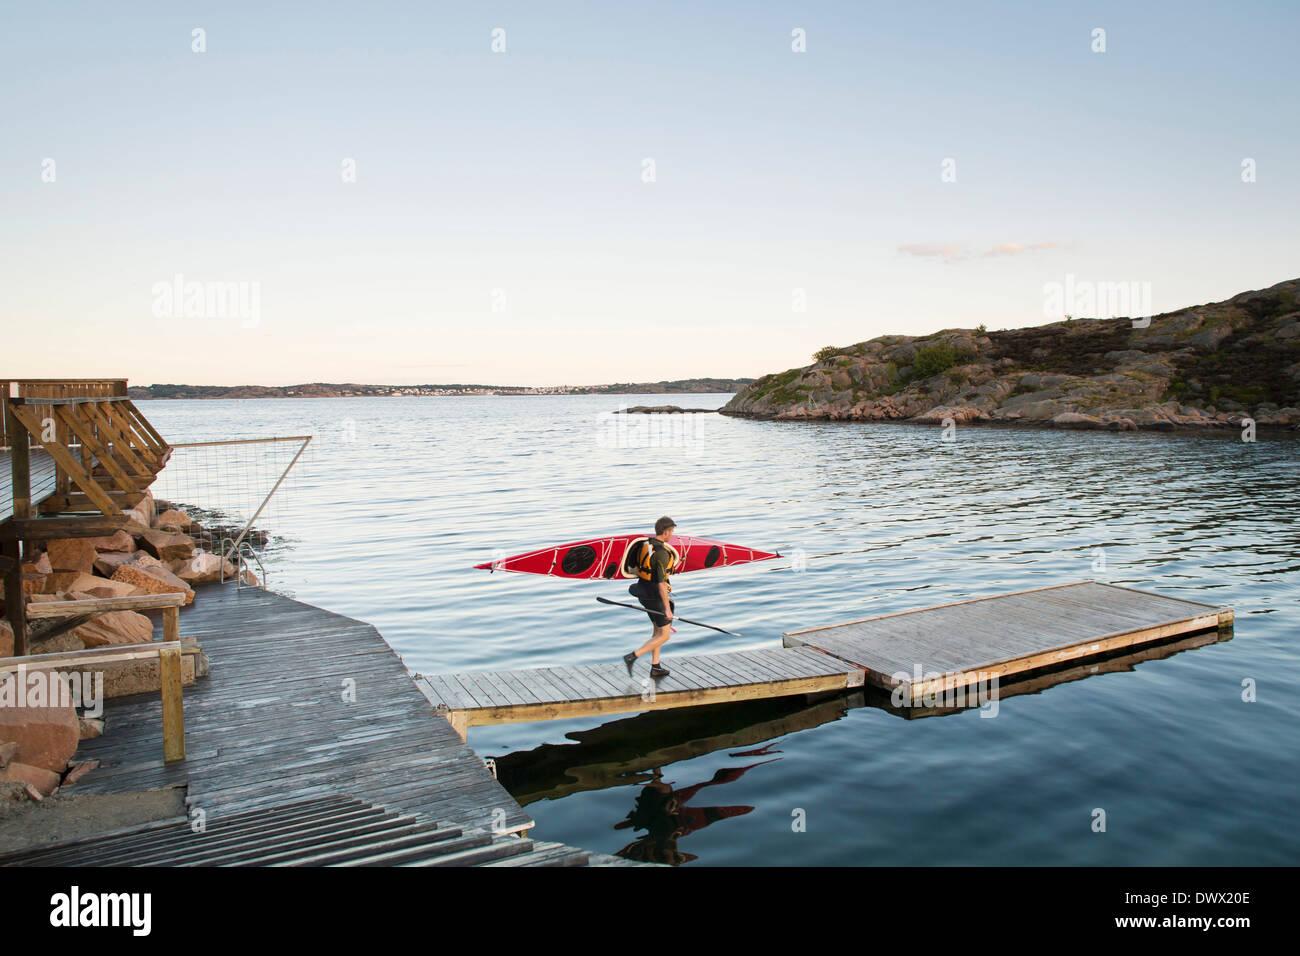 La longitud total del hombre llevando el kayak mientras caminaba en el muelle por el río Imagen De Stock